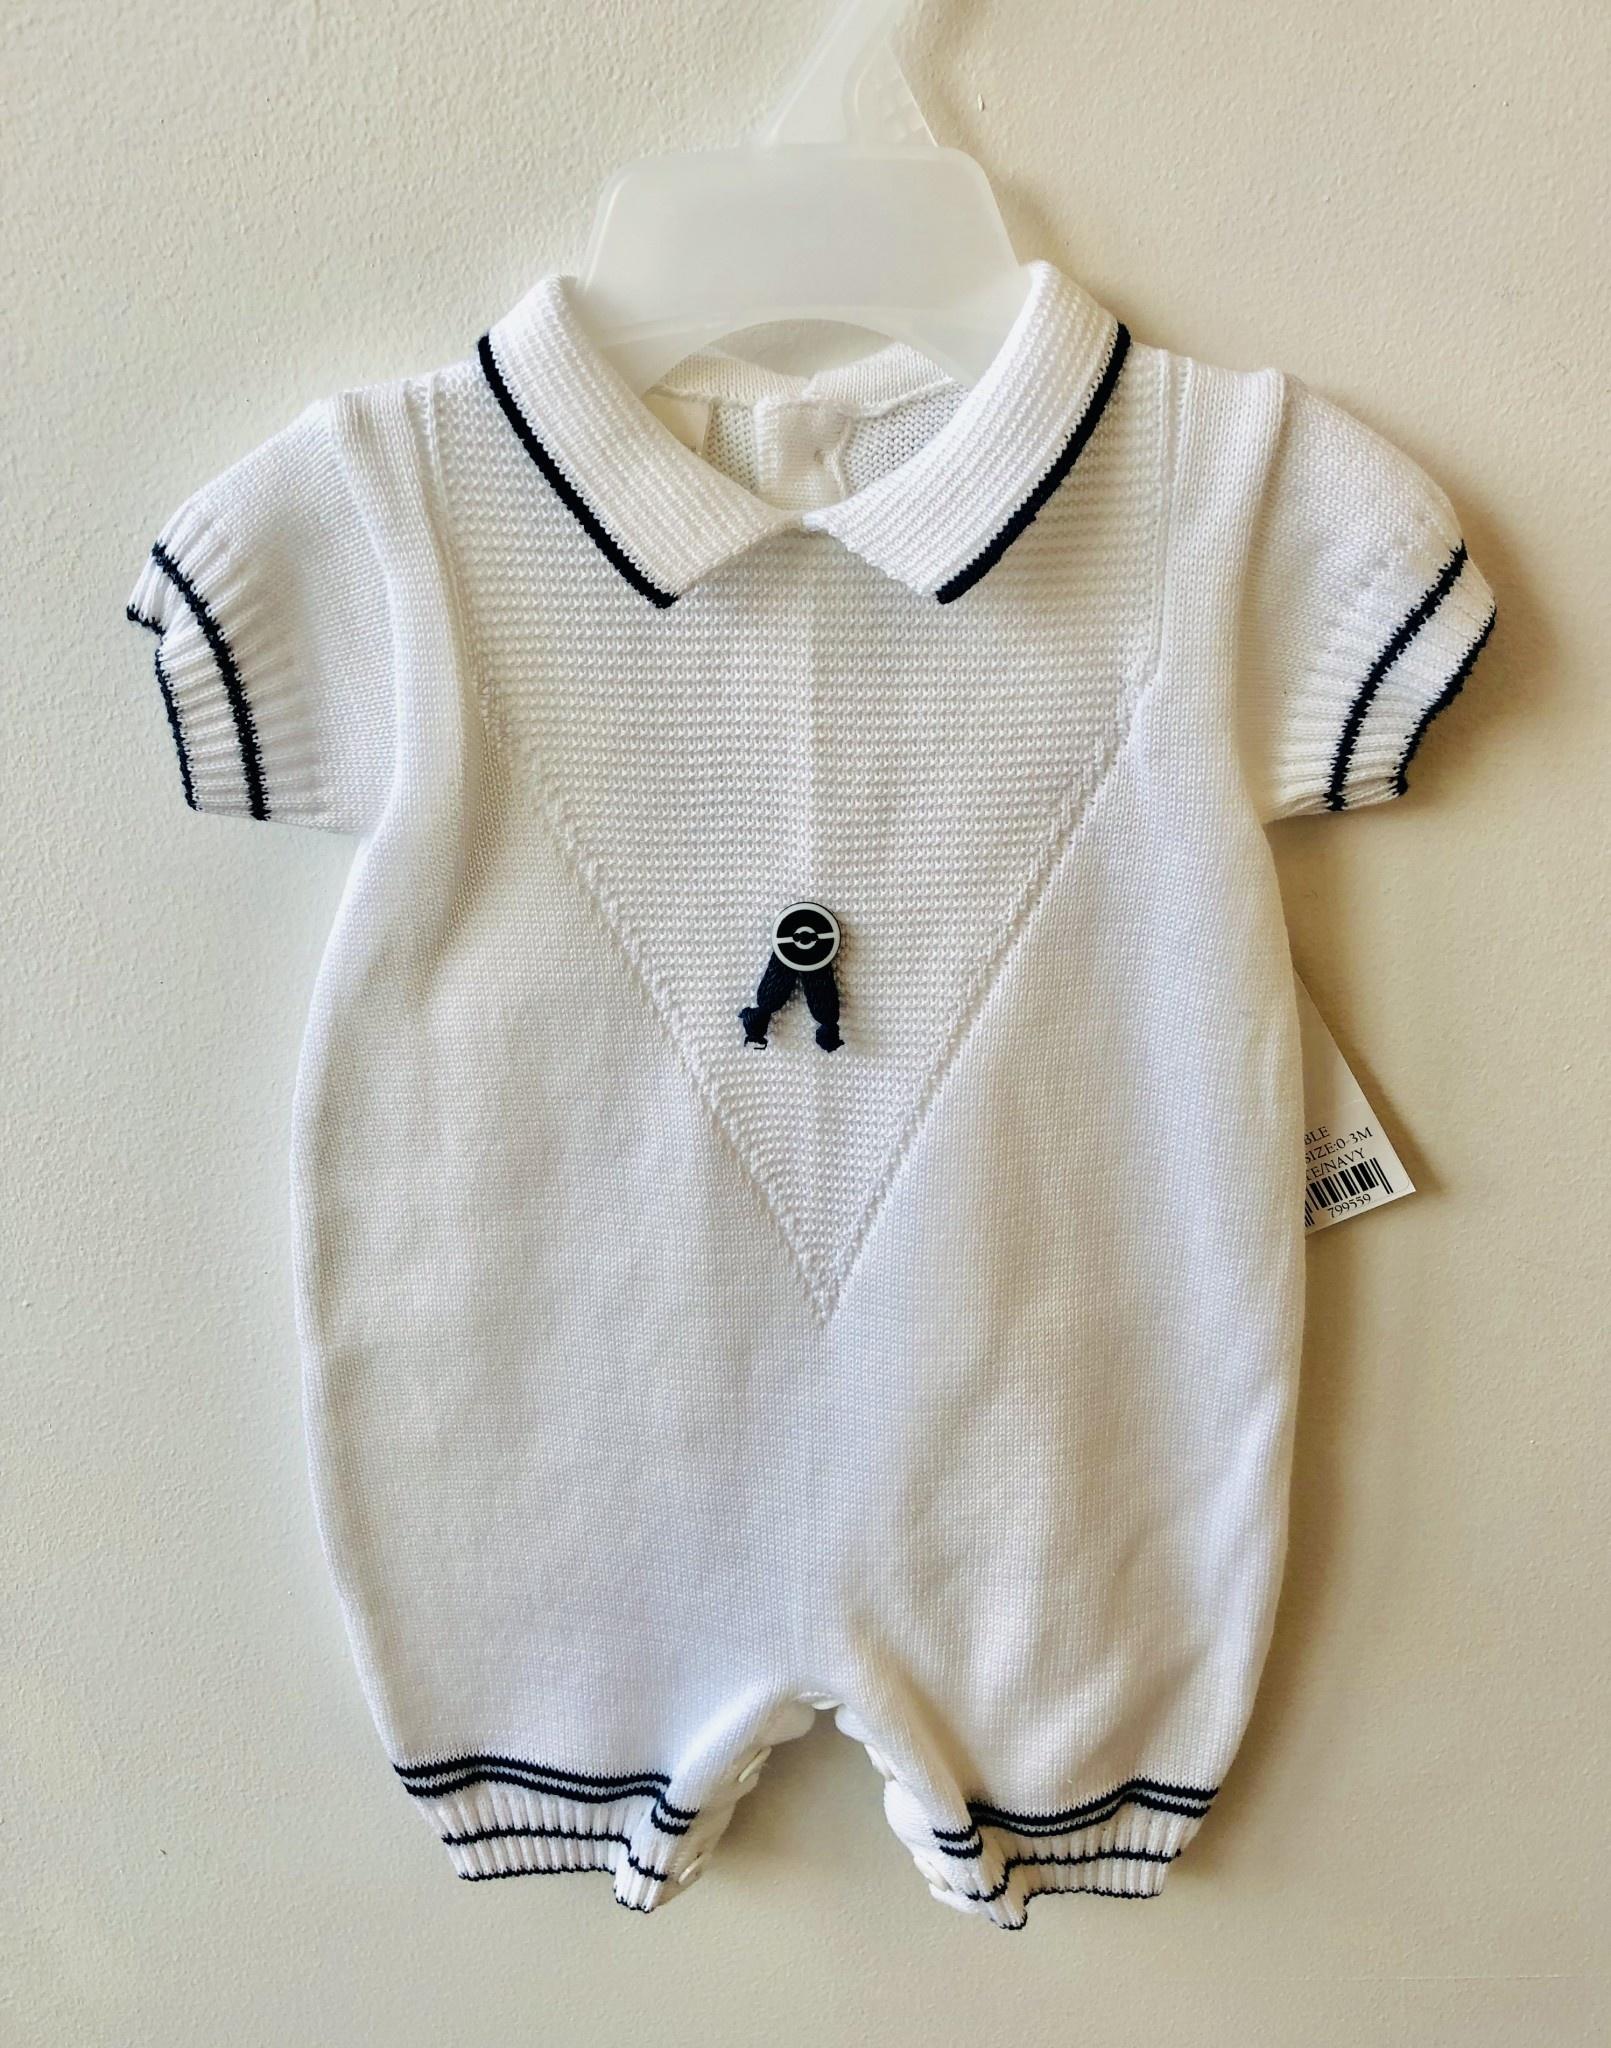 c2e5b125b Pex Marcus Bubble Navy   White Romper - Bubbles Childrenswear